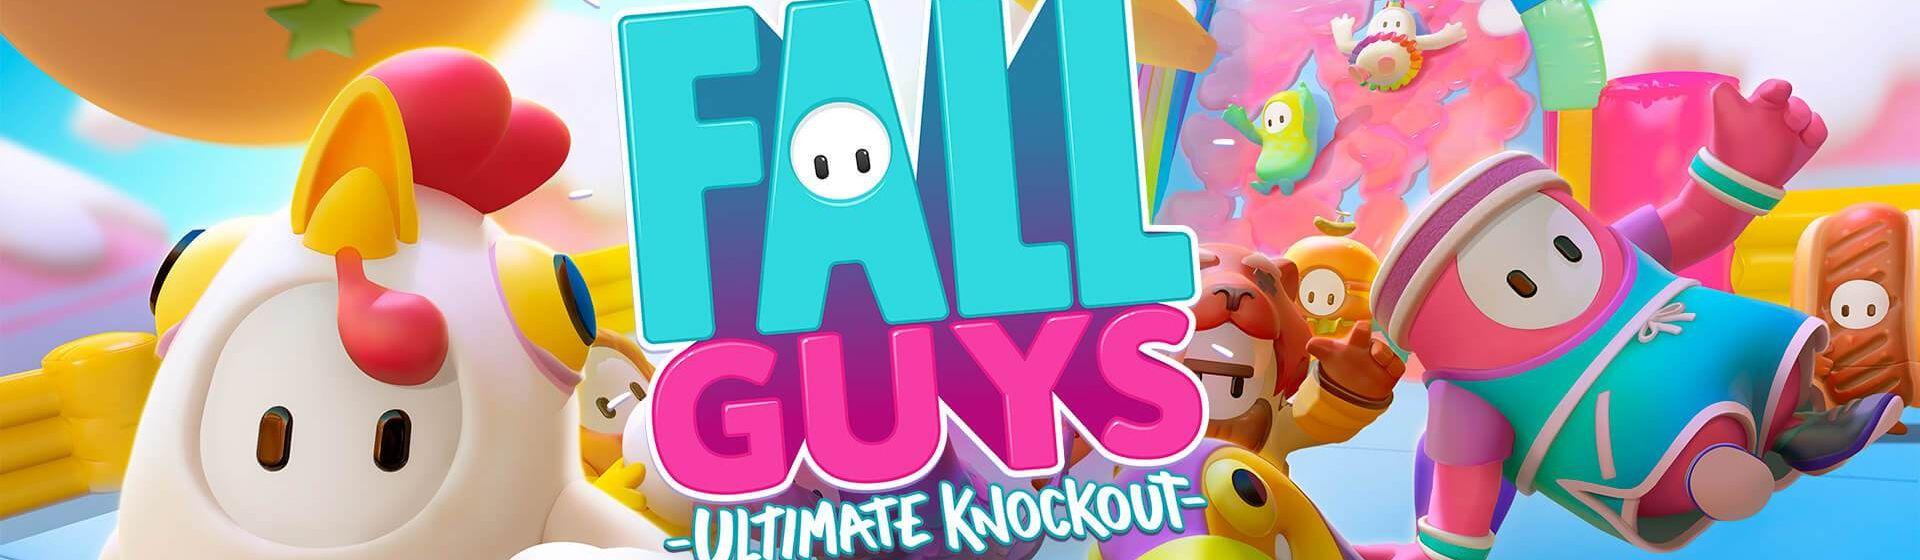 Fall Guys bate recorde com 8 milhões de cópias vendidas no Steam